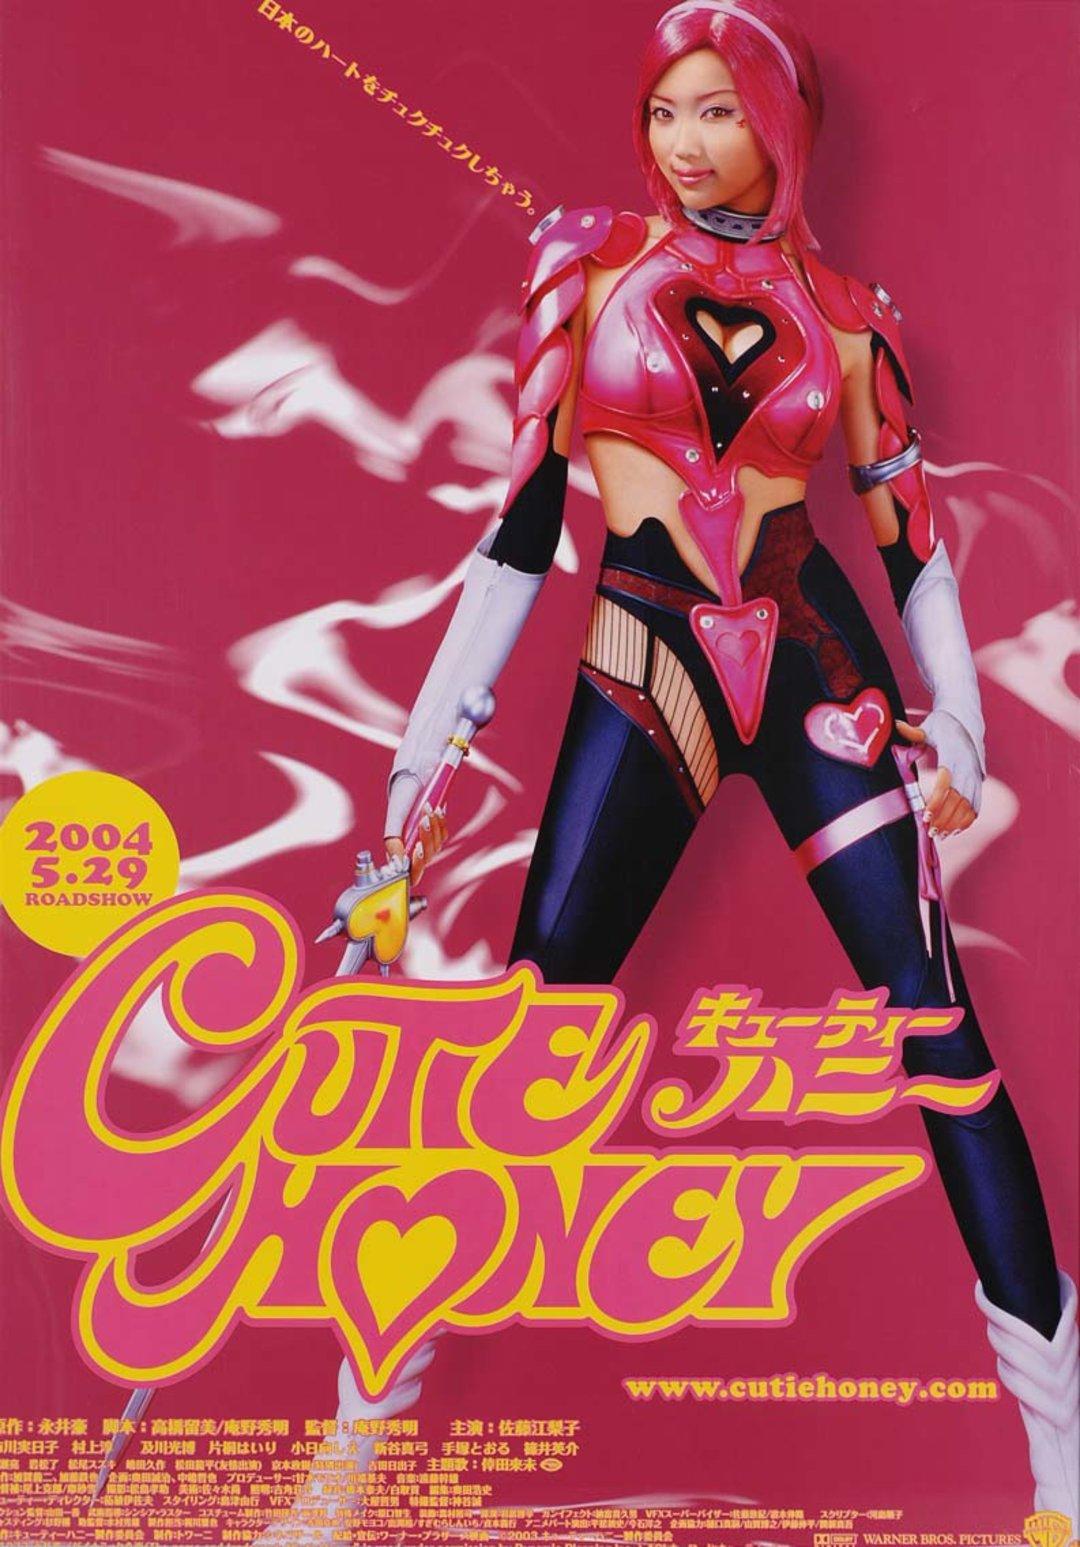 这部日本科幻电影,性感是帅气战士的图片少女长筒靴性感美女主角图片